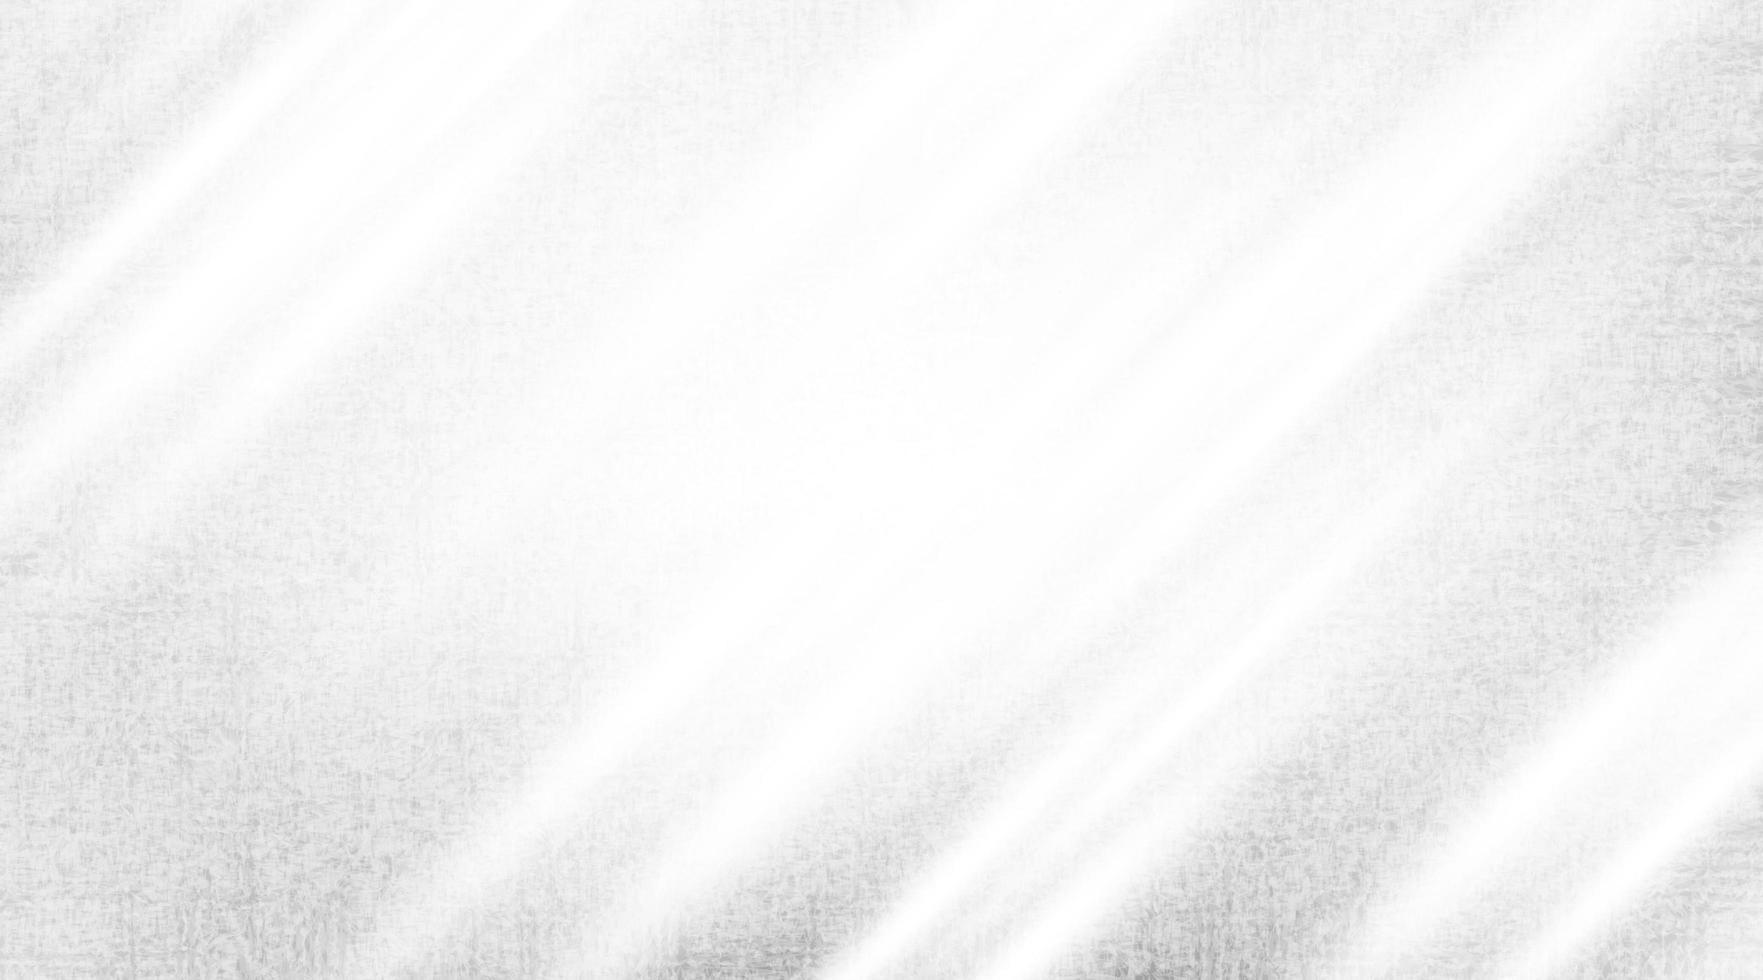 vektor silver rostfritt stål bakgrund, modern stil design.